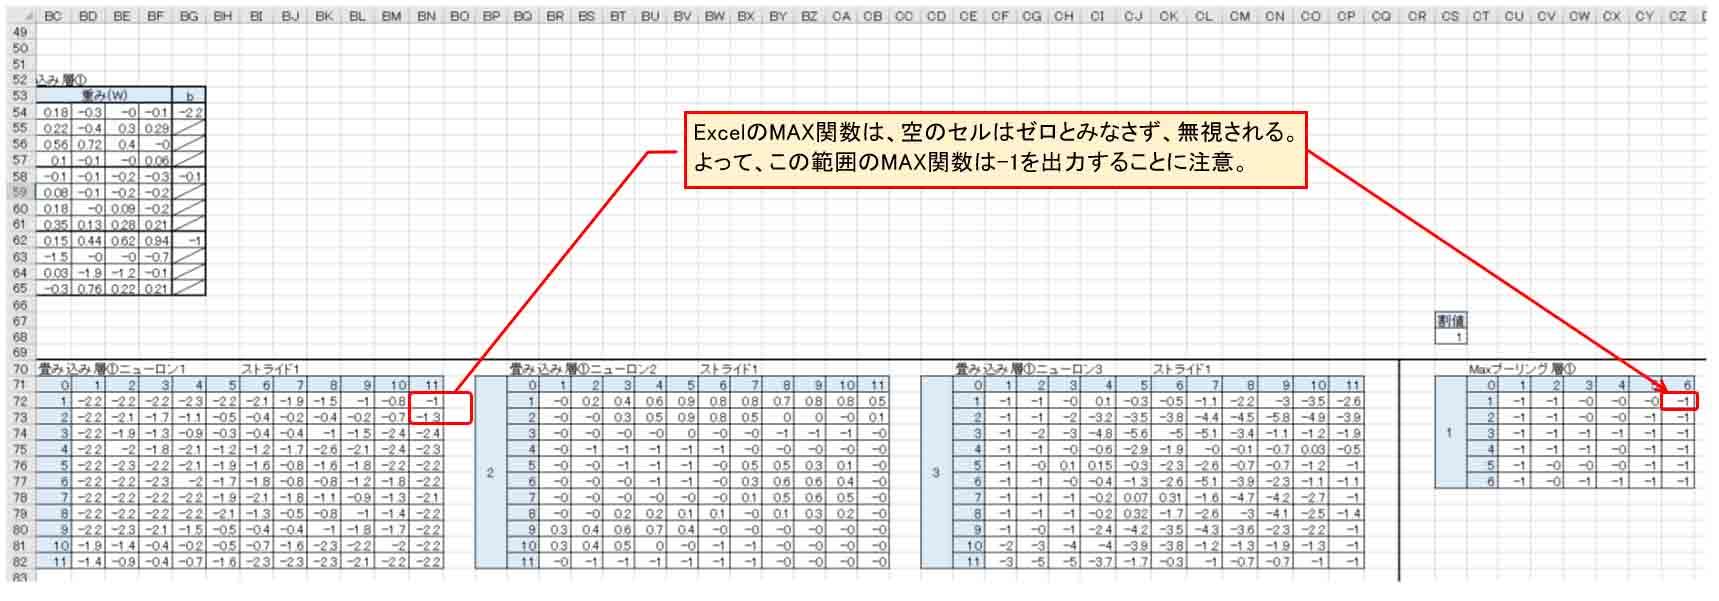 nnc_try_04_17.jpg